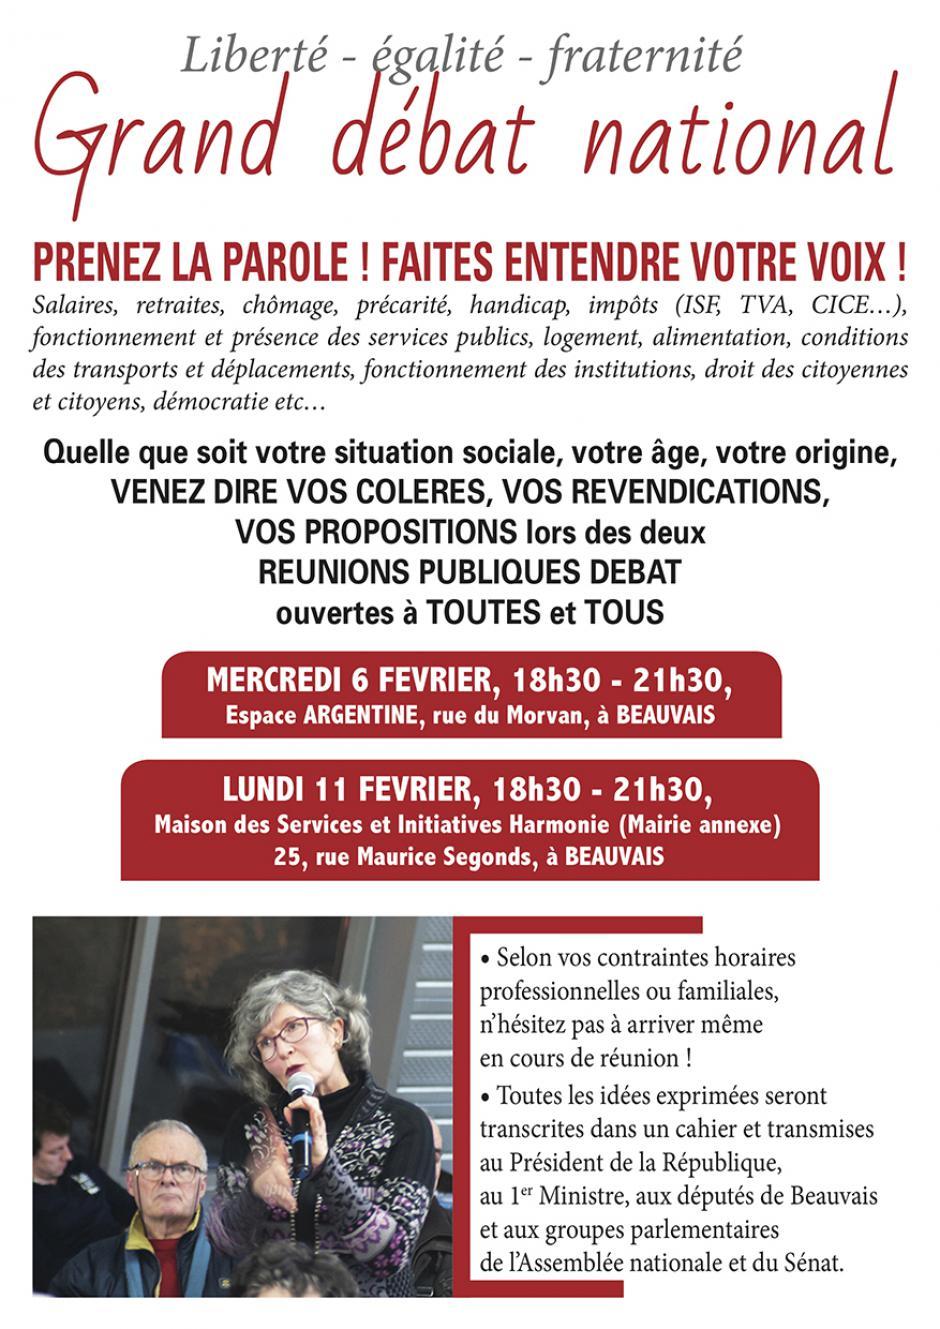 11 février, Beauvais - Réunion publique dans le cadre du Grand débat